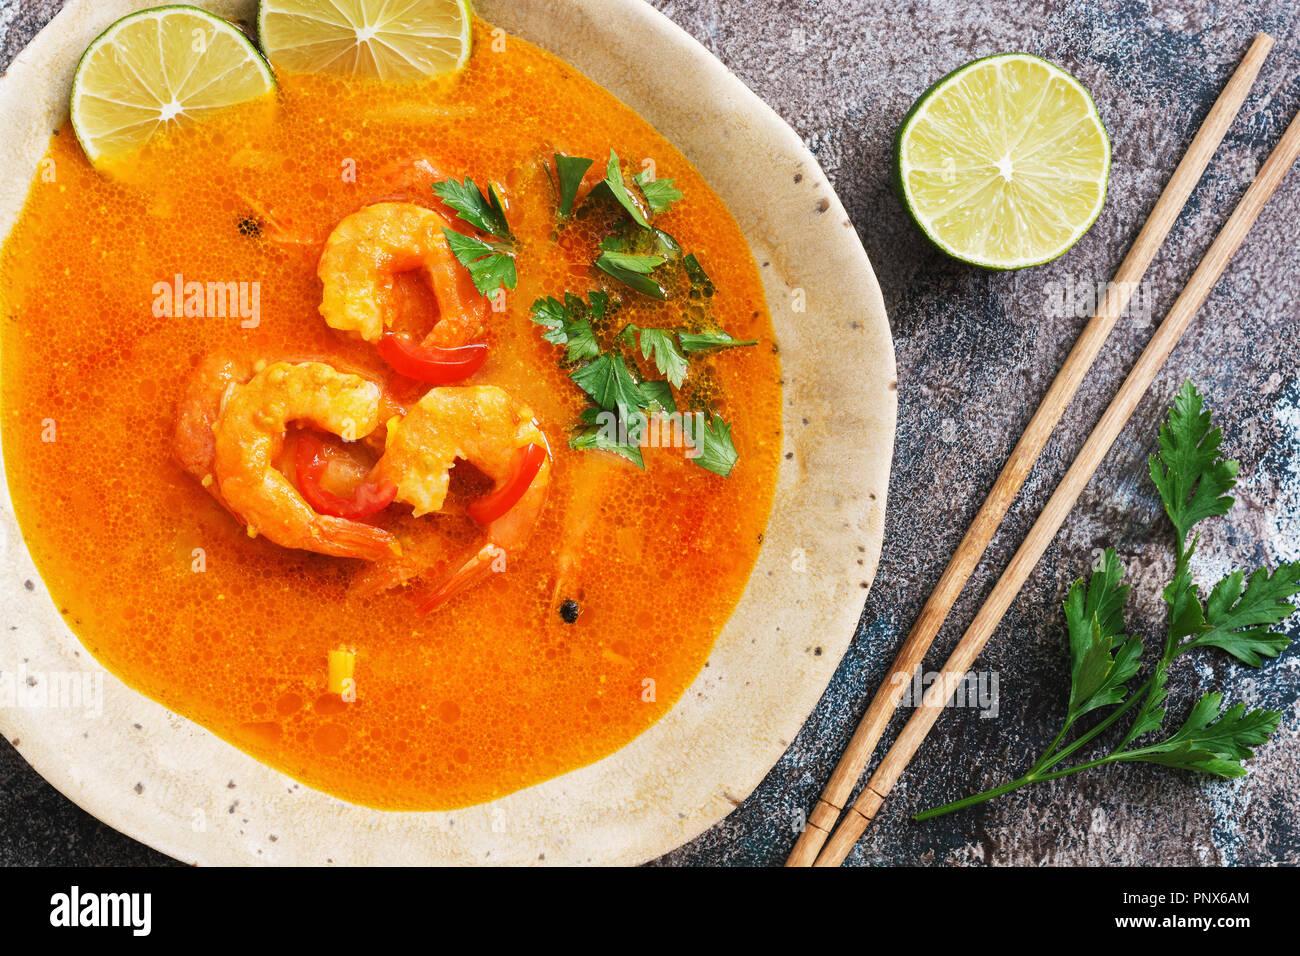 Piccante minestra acida con gamberi (Tom Yum Goong) su un sfondo rustico. Cibo tailandese. Vista da sopra, laici piatta Immagini Stock